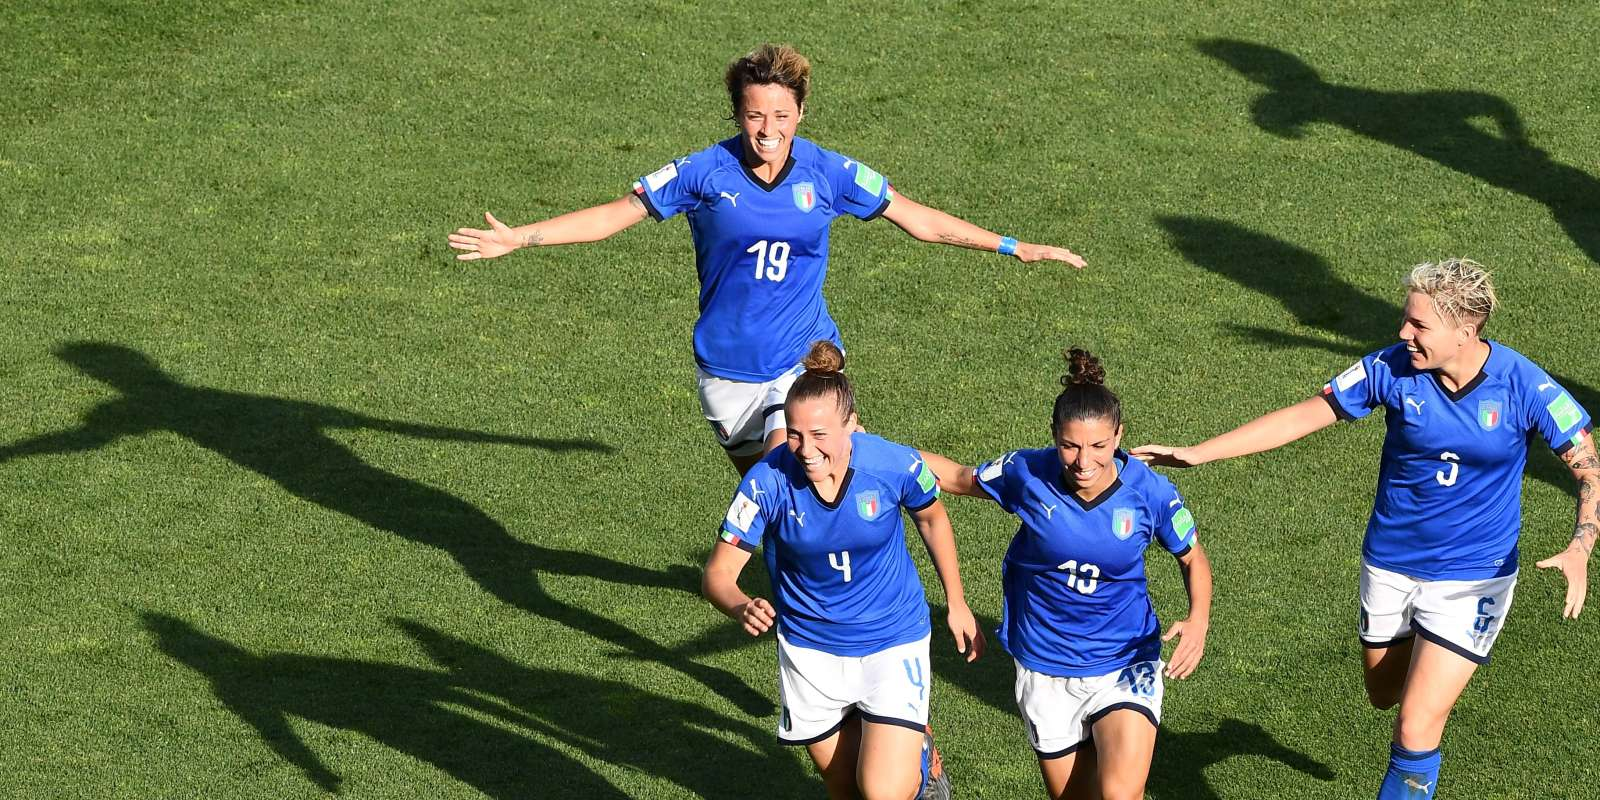 Les Italiennes célèbrent leur premier but face à la Chine en huitième de finale de la Coupe du monde féminine mardi 25 juin à Montpellier. (Photo by Boris HORVAT / AFP)